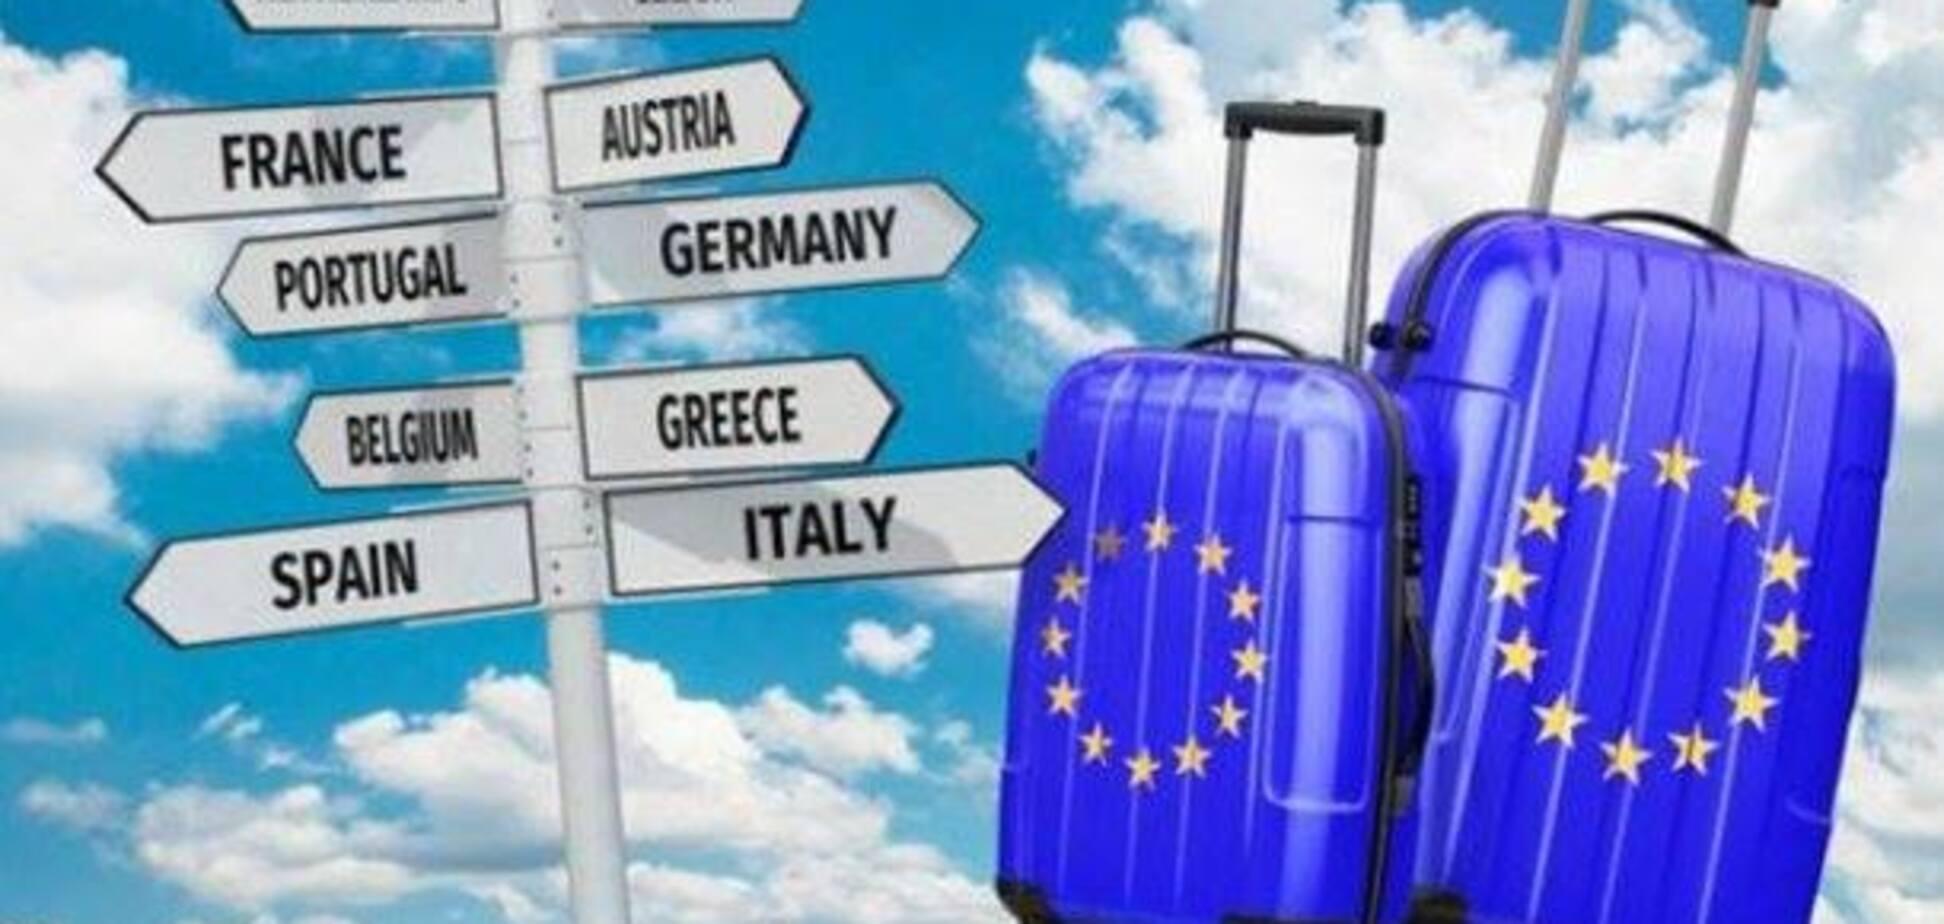 Український паспорт різко 'підскочив' у рейтингу престижності